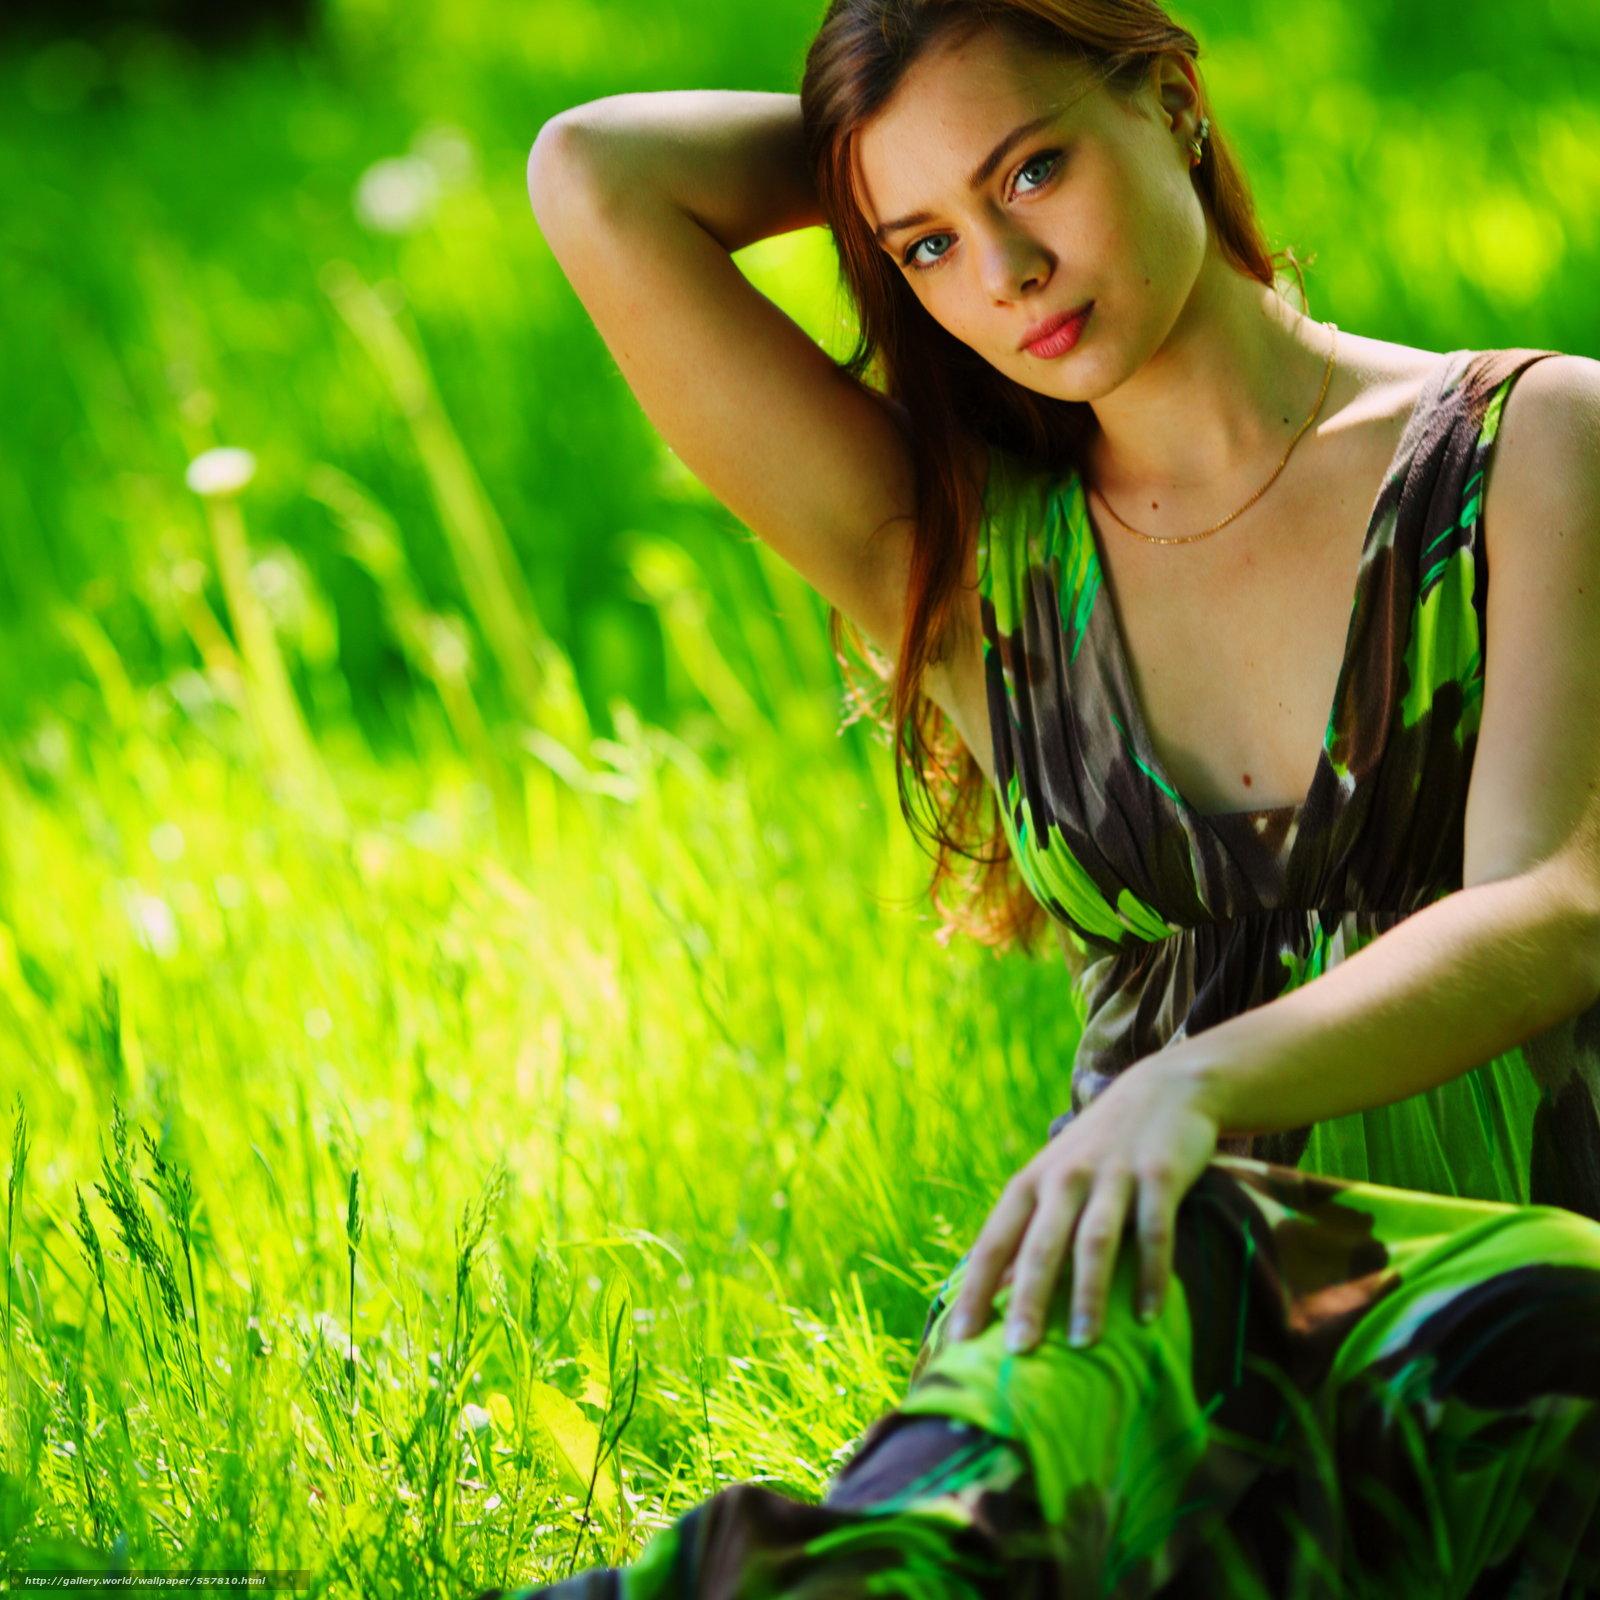 pobra tapety lato,  brązowe włosy,  dziewczyna,  zielenina Darmowe tapety na pulpit rozdzielczoci 3639x3639 — zdjcie №557810